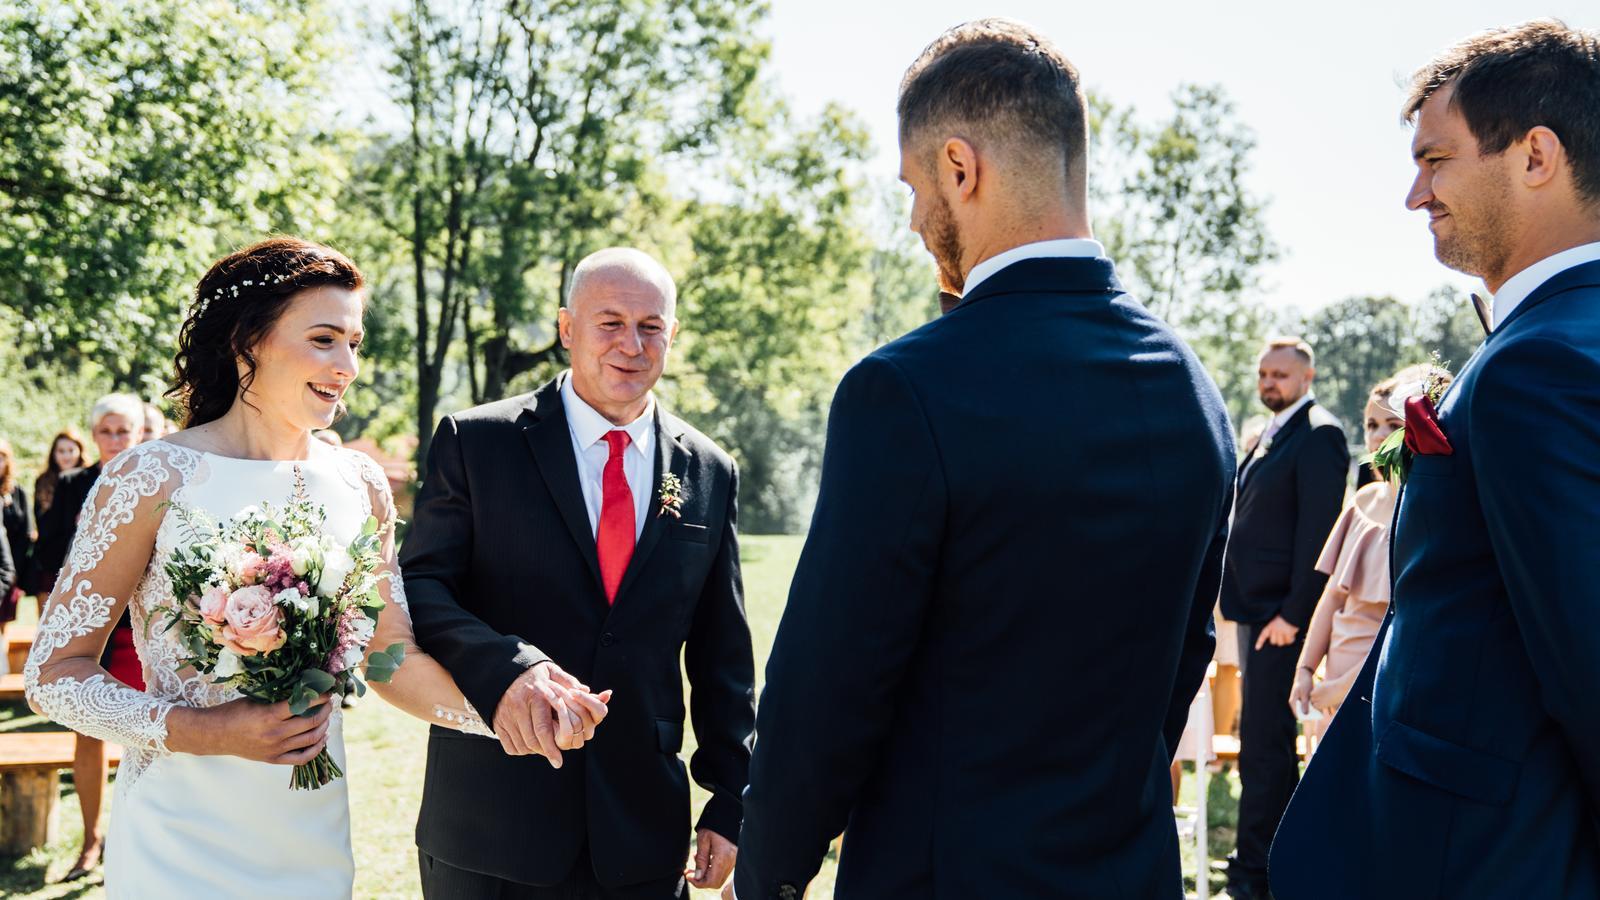 Kateřina & Tomáš (Podzimní svatba 2019) - Obrázek č. 13